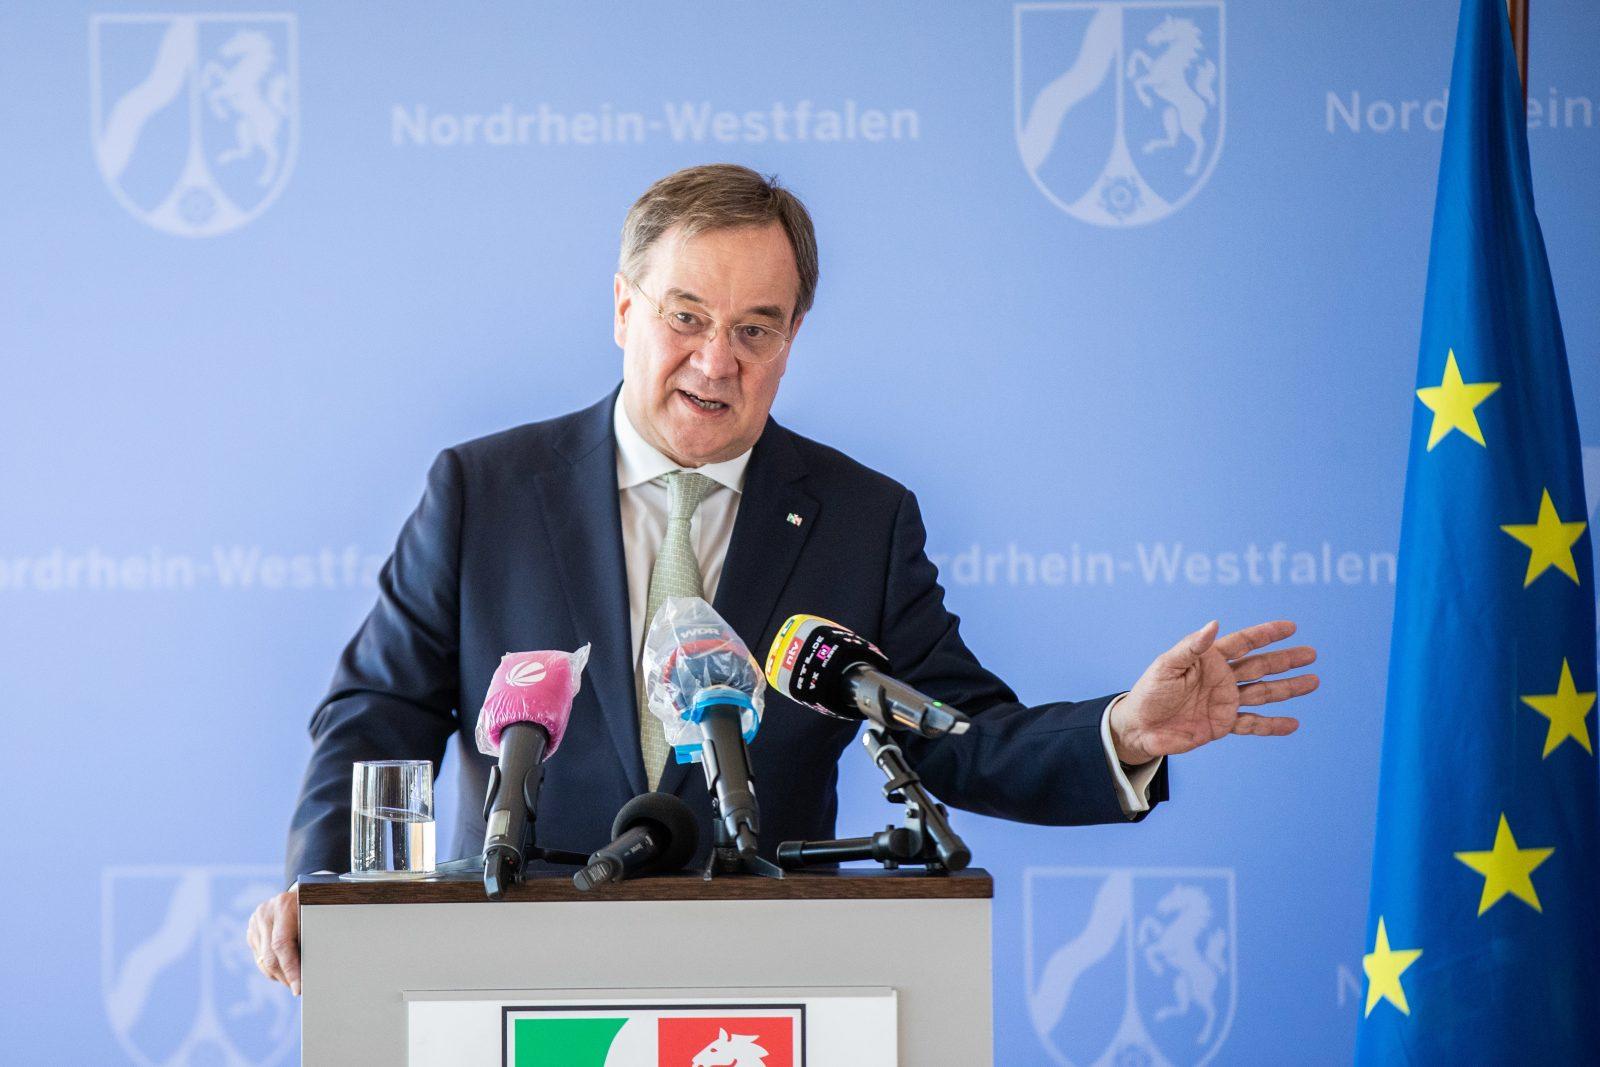 Nordrhein-Westfalens Ministerpräsident Armin Laschet (CDU) plädiert für mehr Europa zur Bewältigung der Corona-Krise und lobt Bundeskanzlerin Angela Merkel (CDU) Foto: picture alliance/Marcel Kusch/dpa